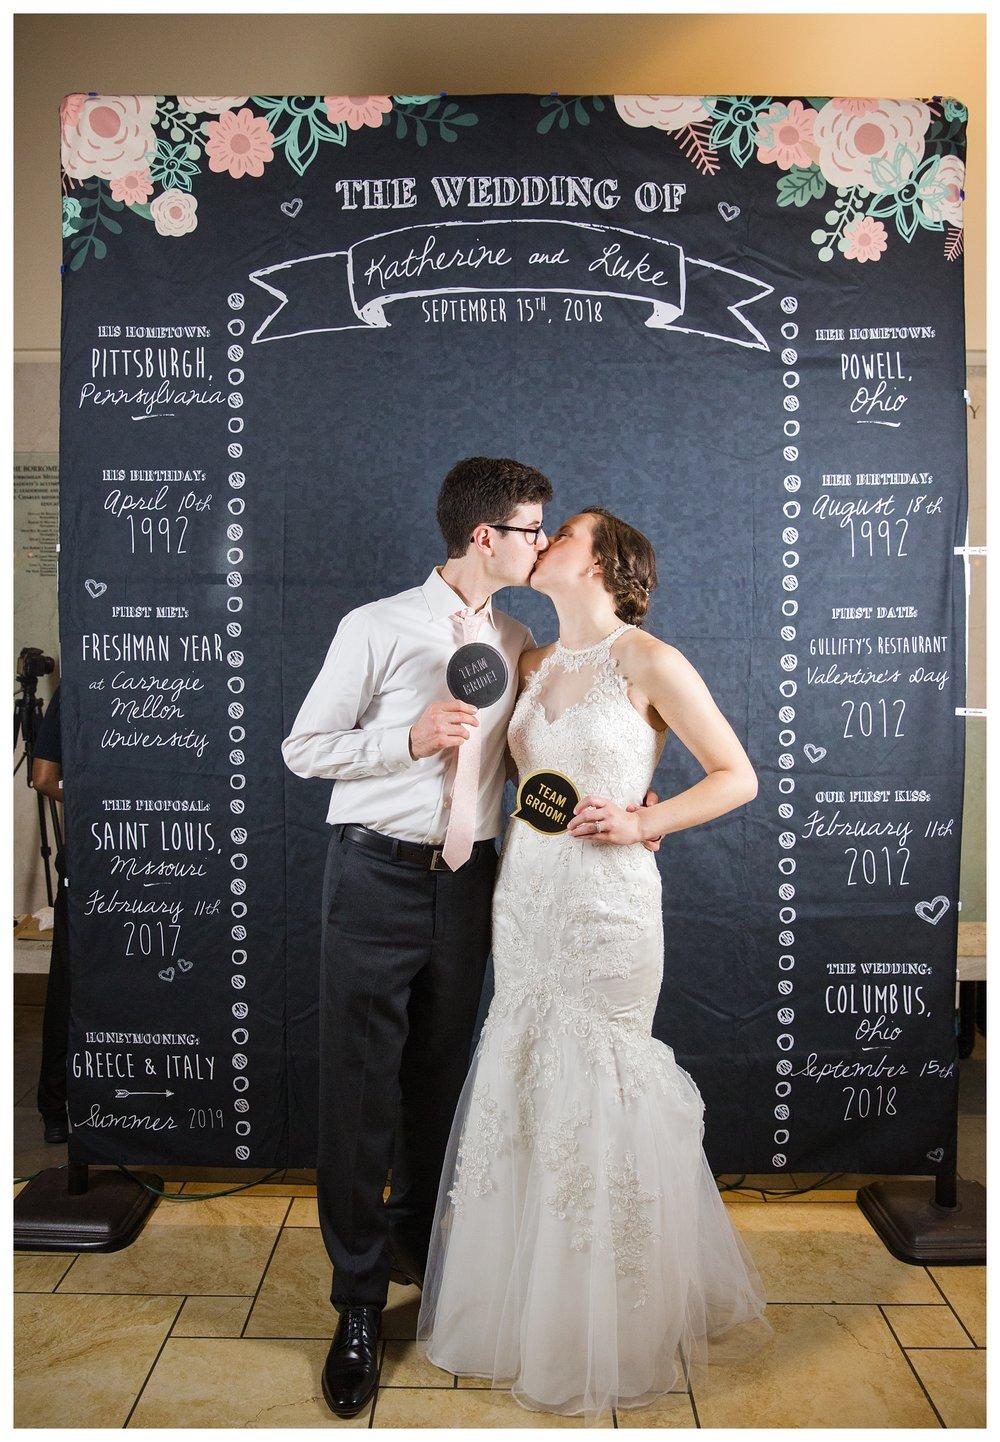 st-charles-preparatory-school-wedding-bexley_0140.jpg